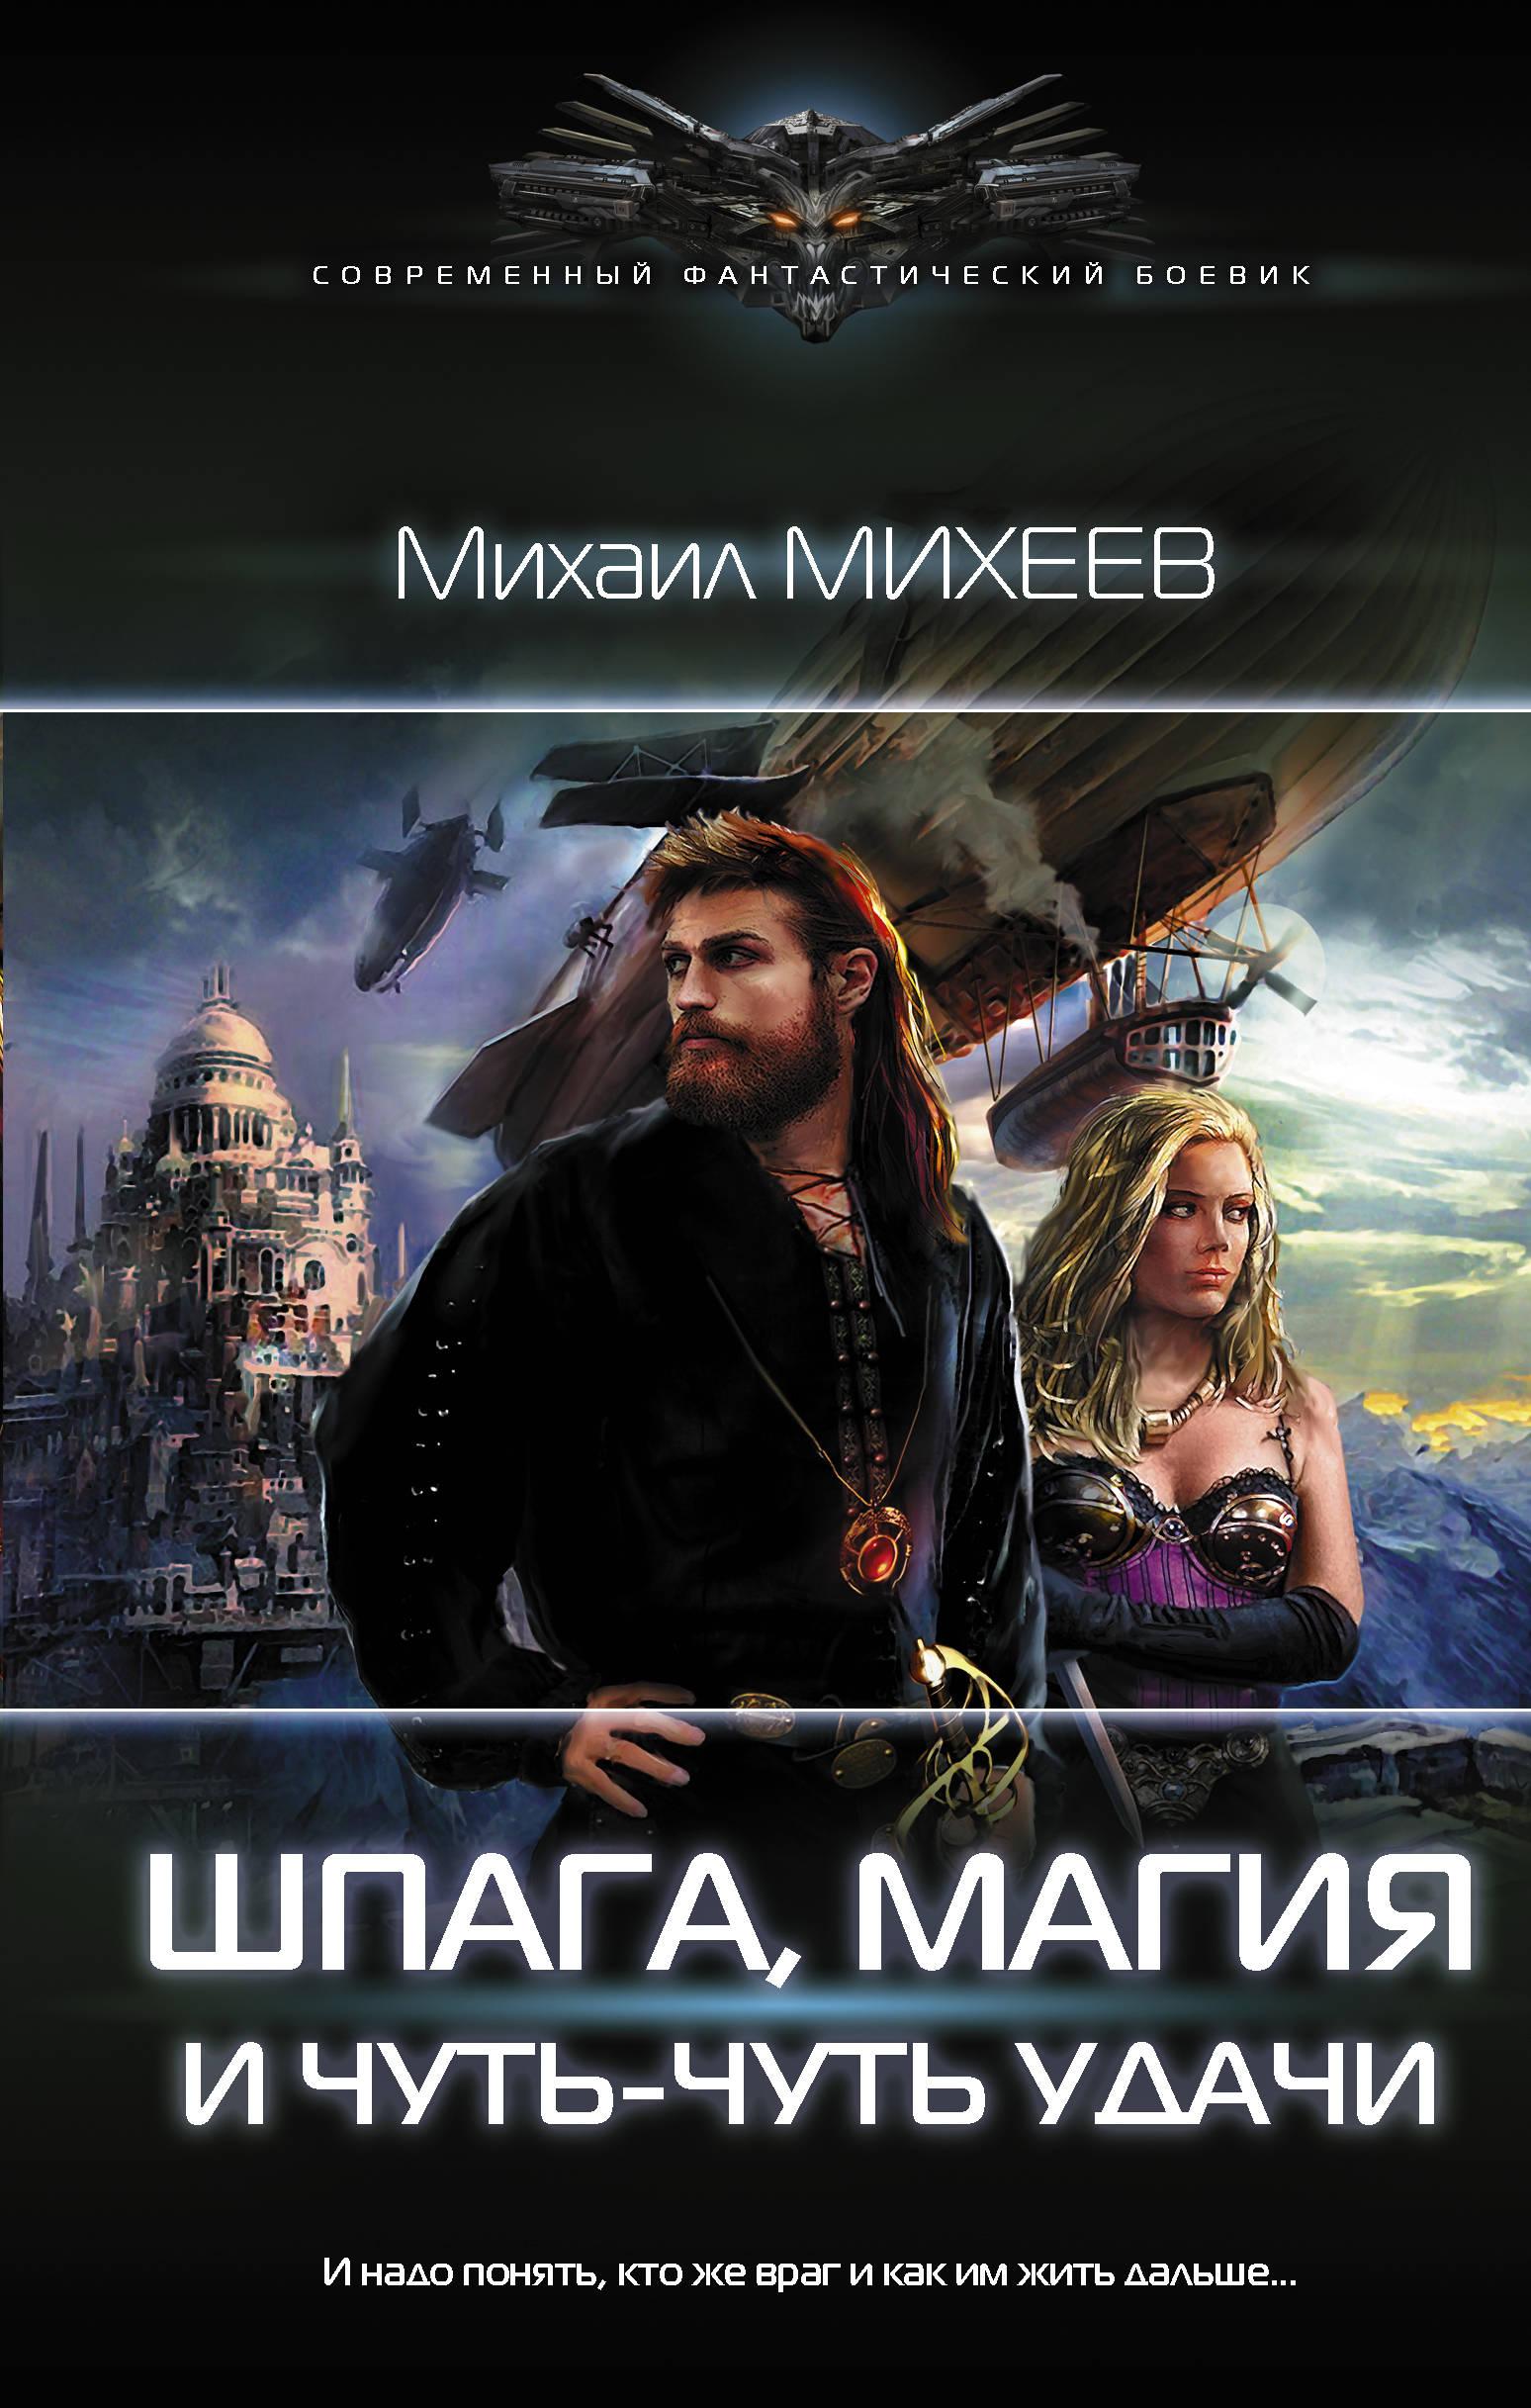 Михаил Михеев «Шпага, магия и чуть-чуть удачи»